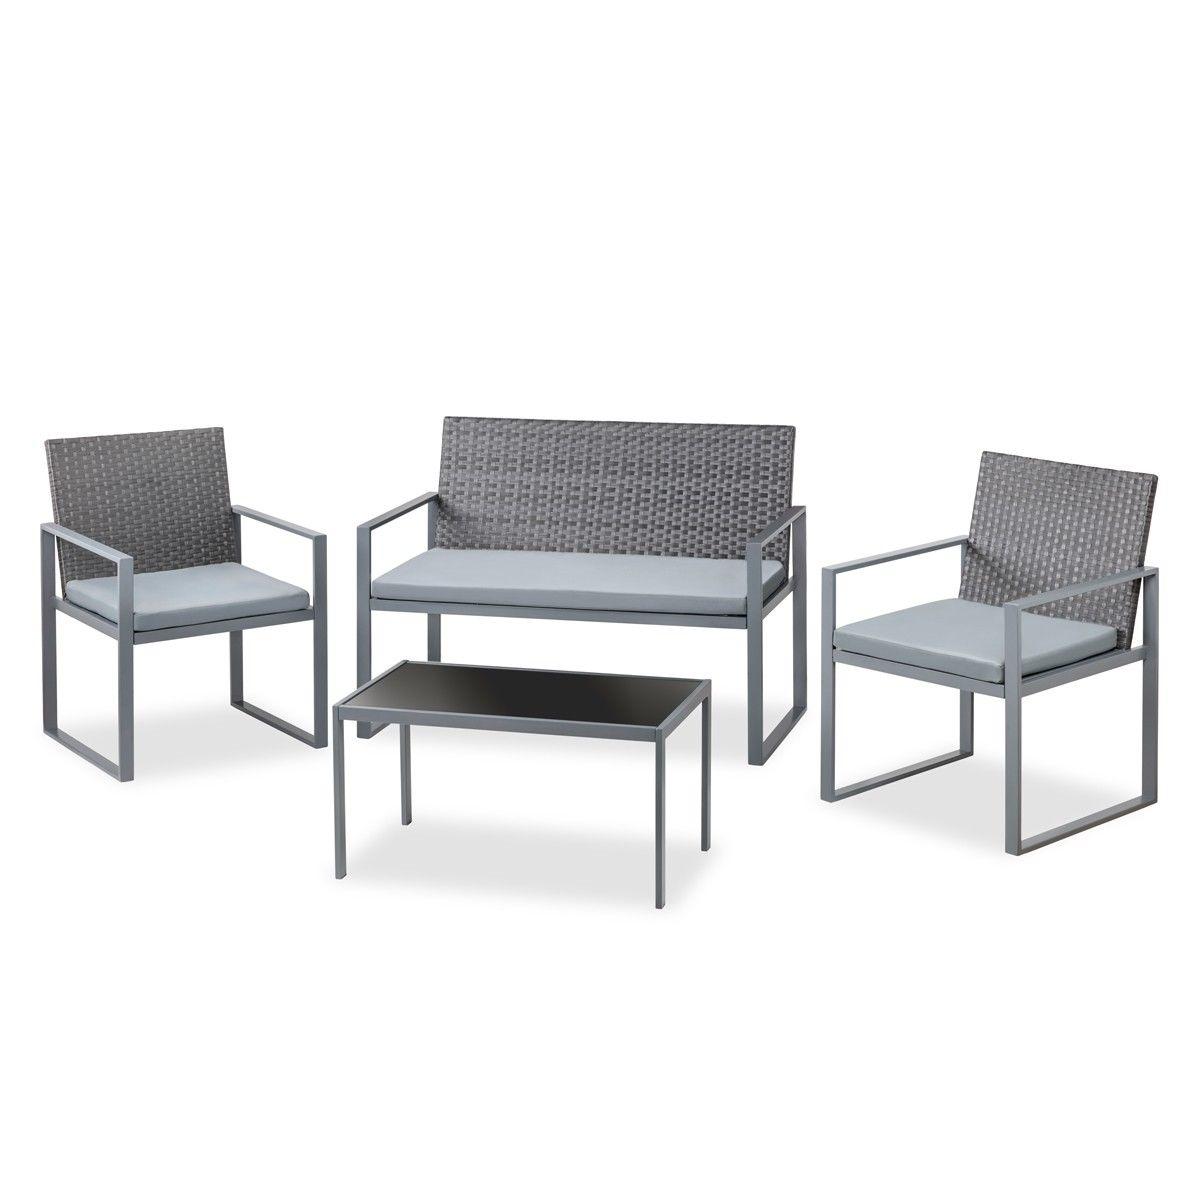 Set de jardín Sofá + 2 sillas solo 59€